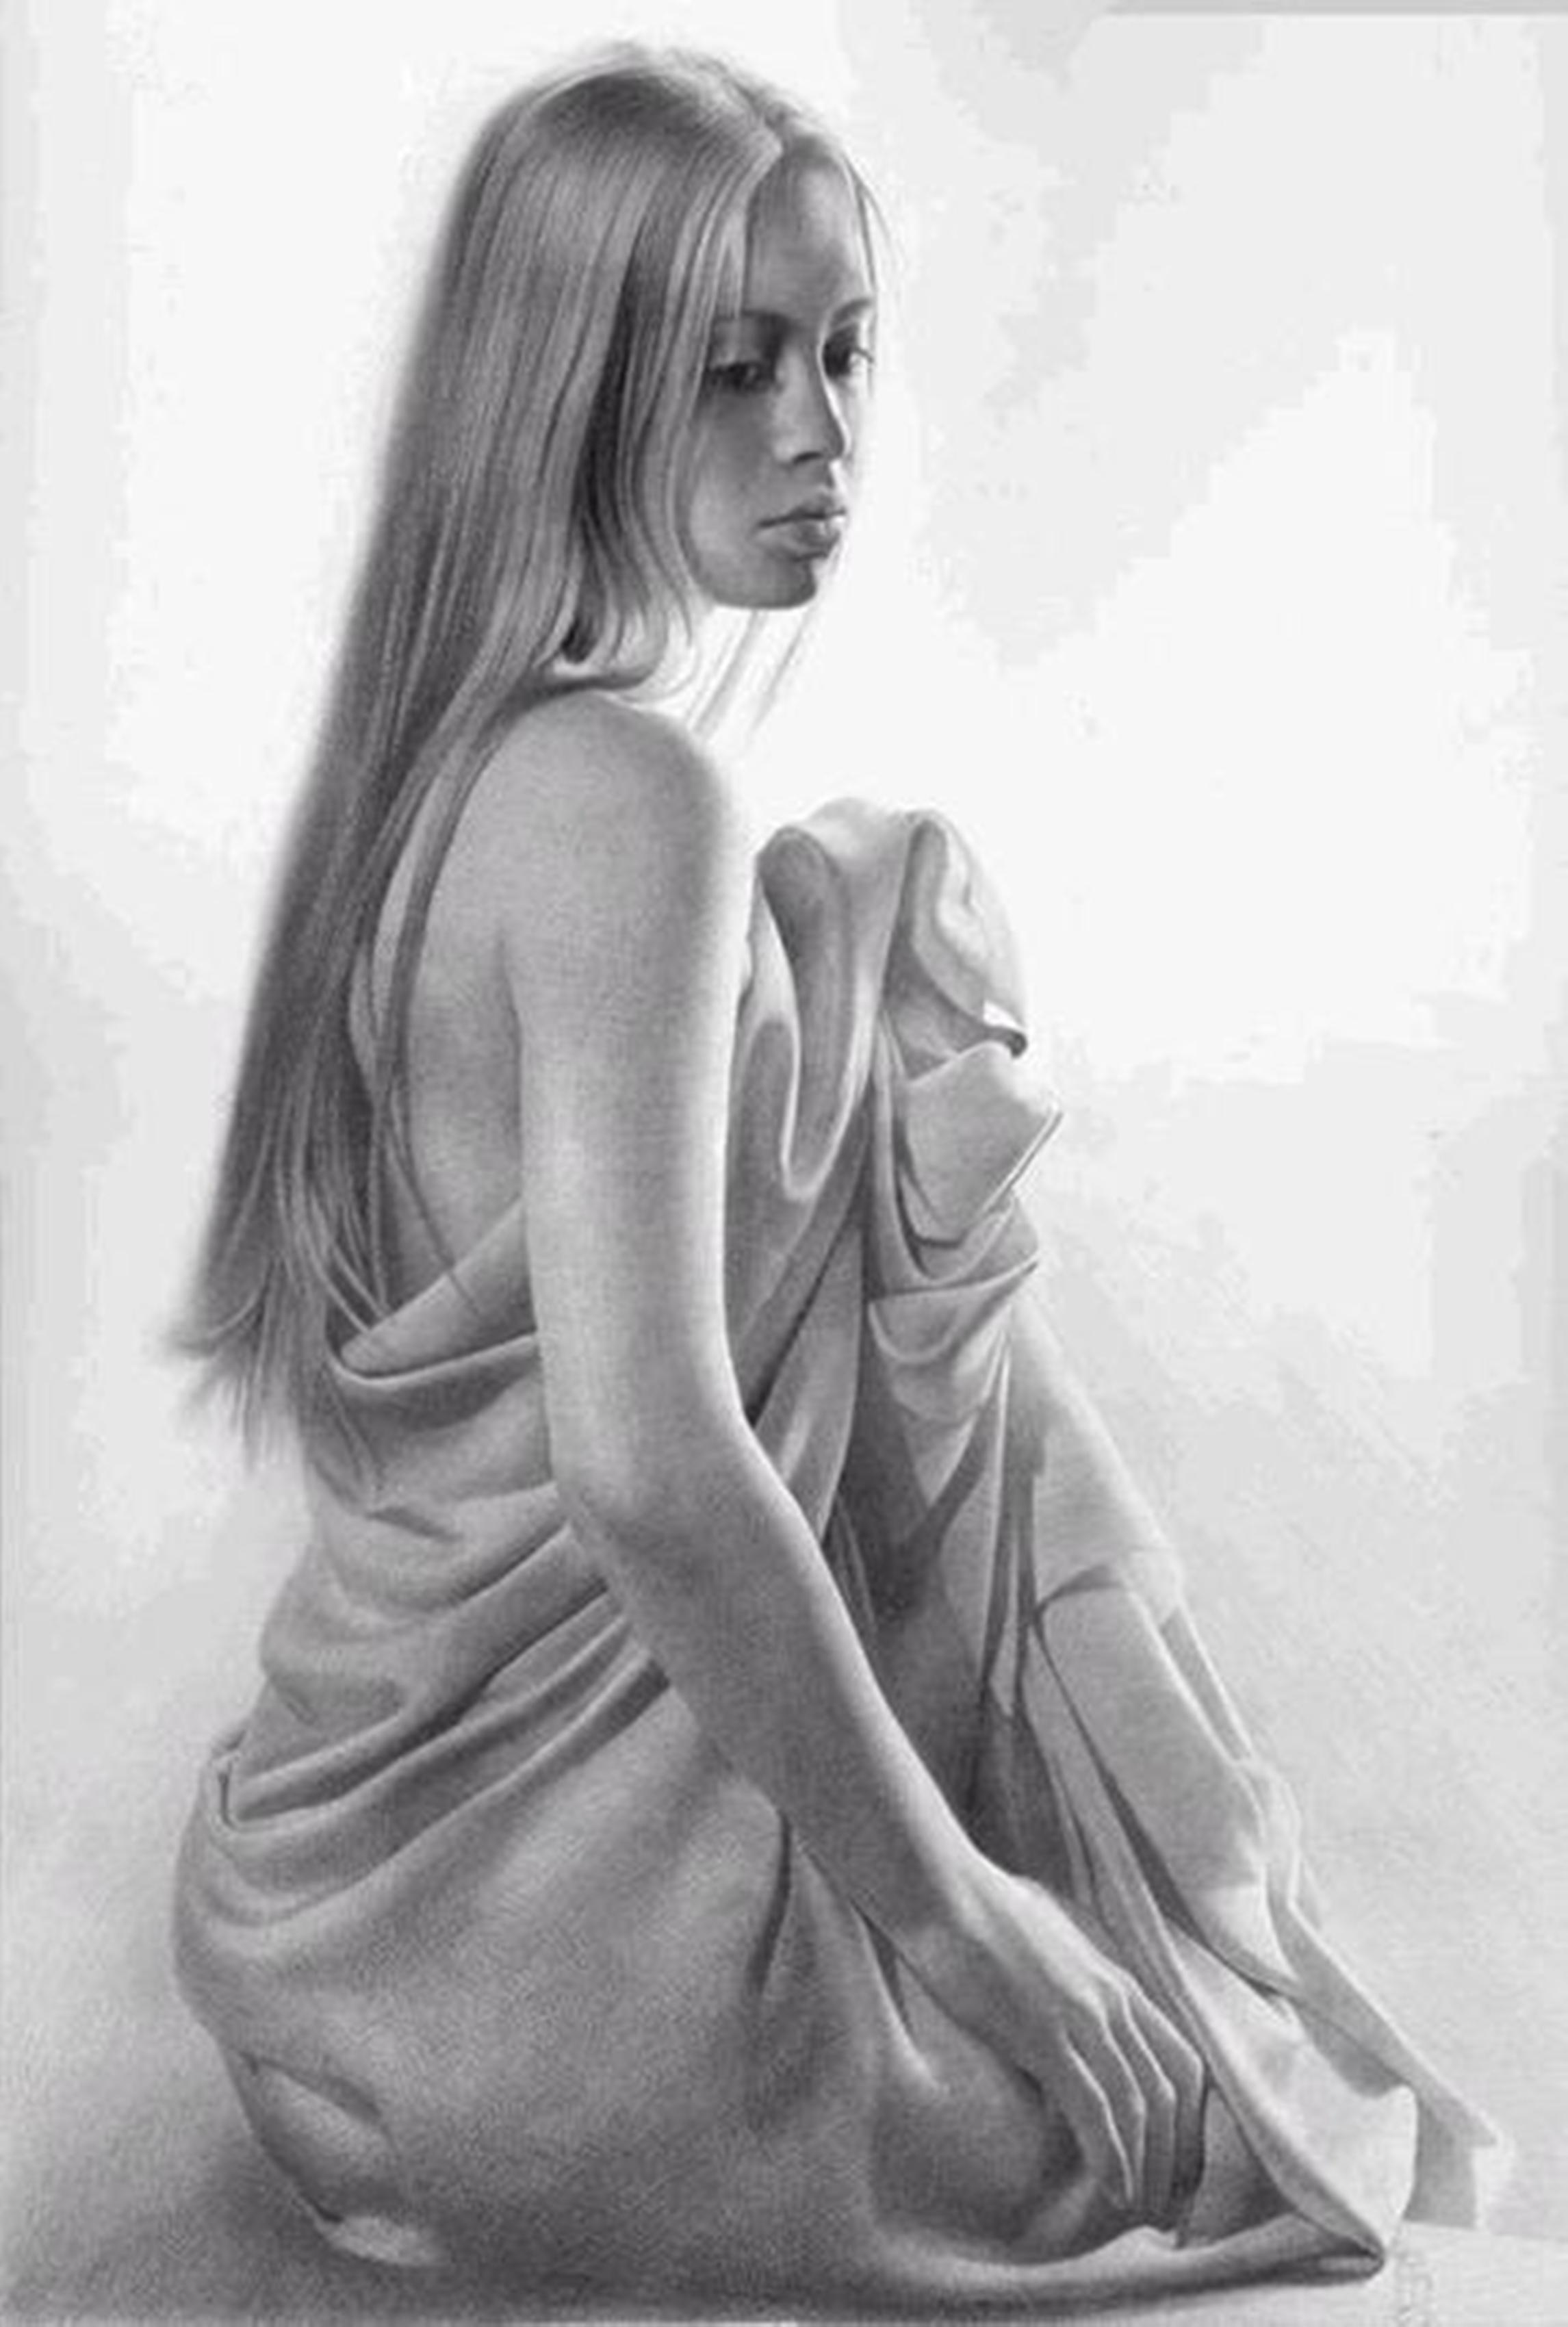 Рисунки на голой девочке 10 фотография